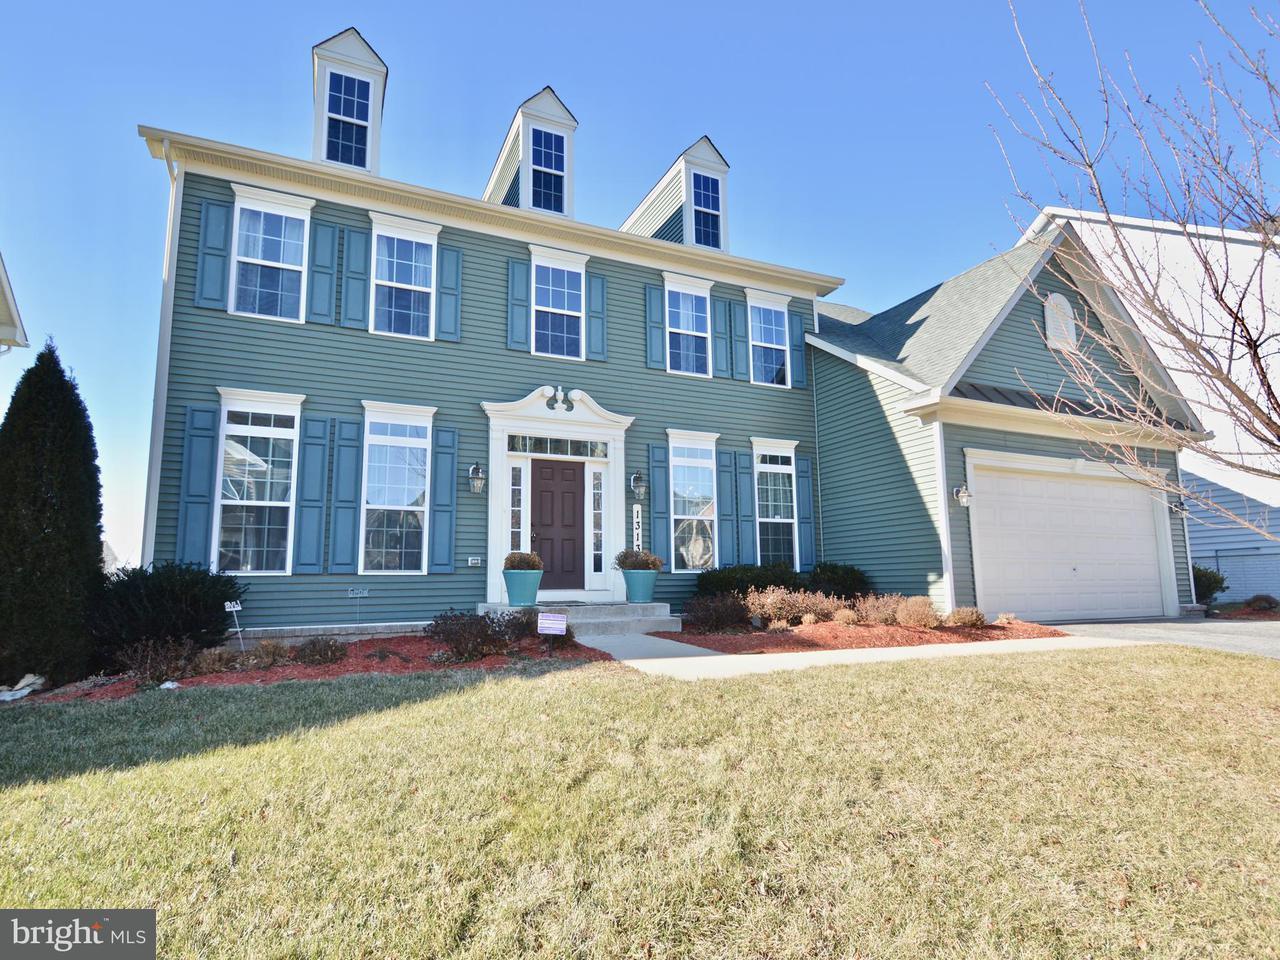 Maison unifamiliale pour l Vente à 1313 VOLUNTEER Drive 1313 VOLUNTEER Drive Brunswick, Maryland 21716 États-Unis